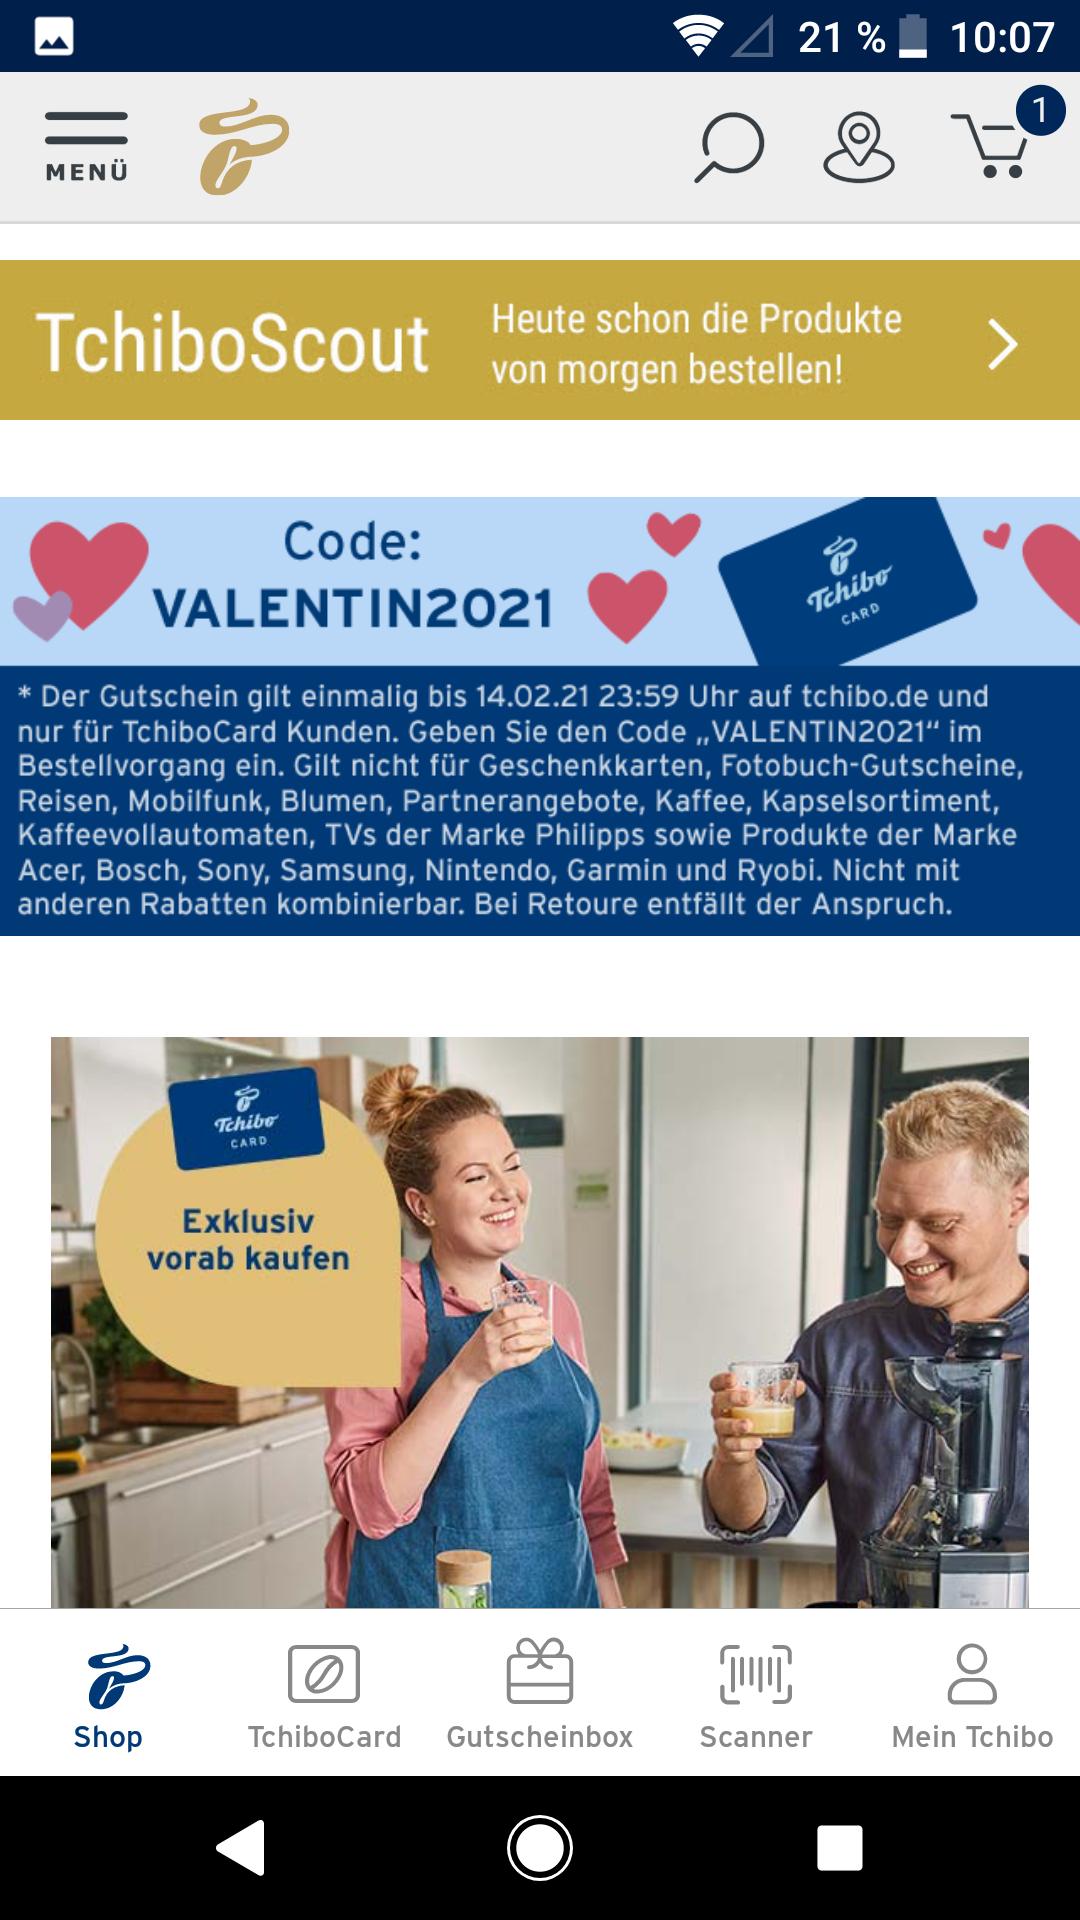 Bis 29% möglich: Tchibo 14% Valentinstag Rabatt mit Einschränkungen kombinierbar mit 15% Rabatt zusätzlich